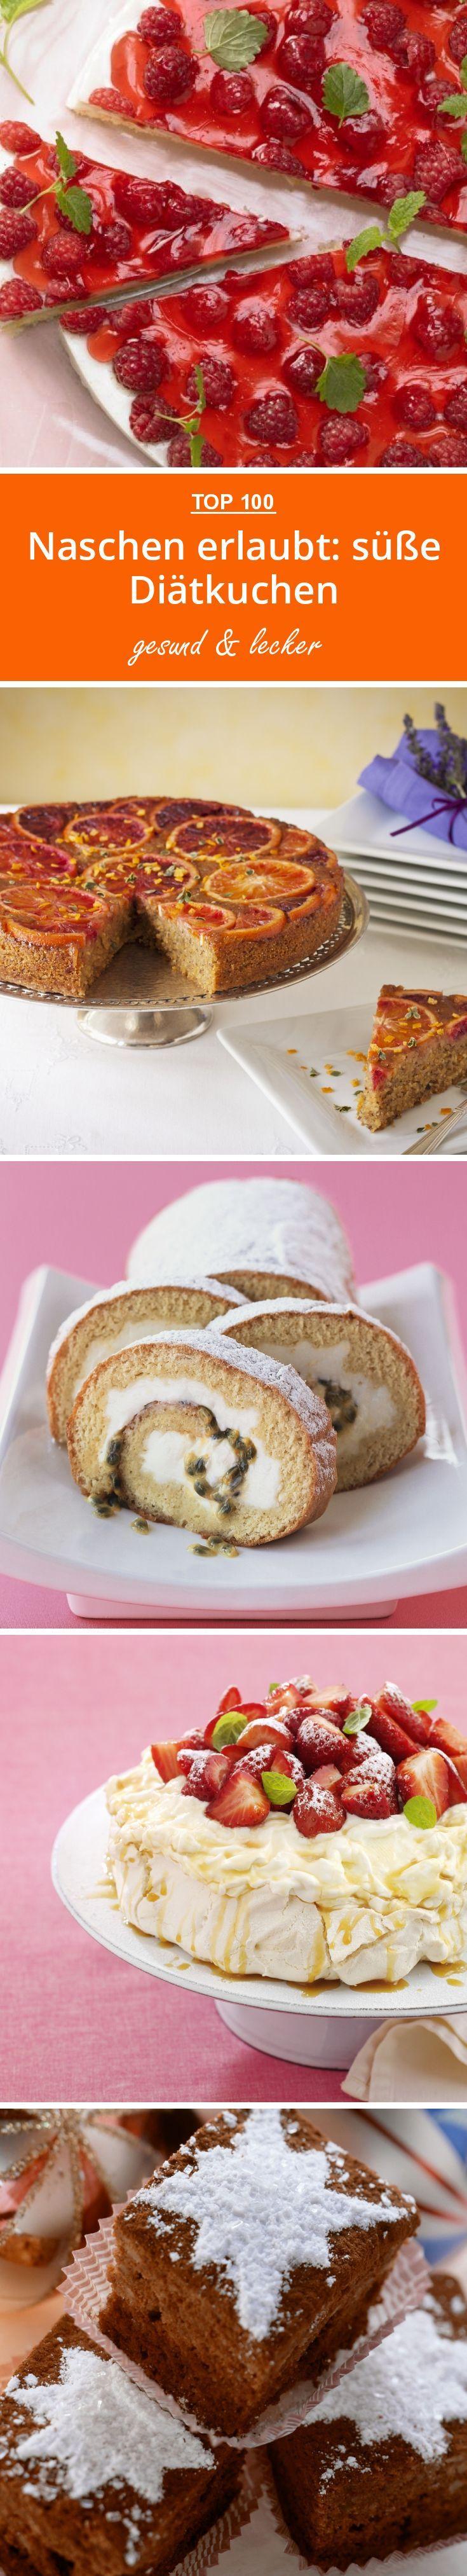 Naschen erlaubt: süße Diätkuchen | eatsmarter.de #kuchen #diät #diätrezepte